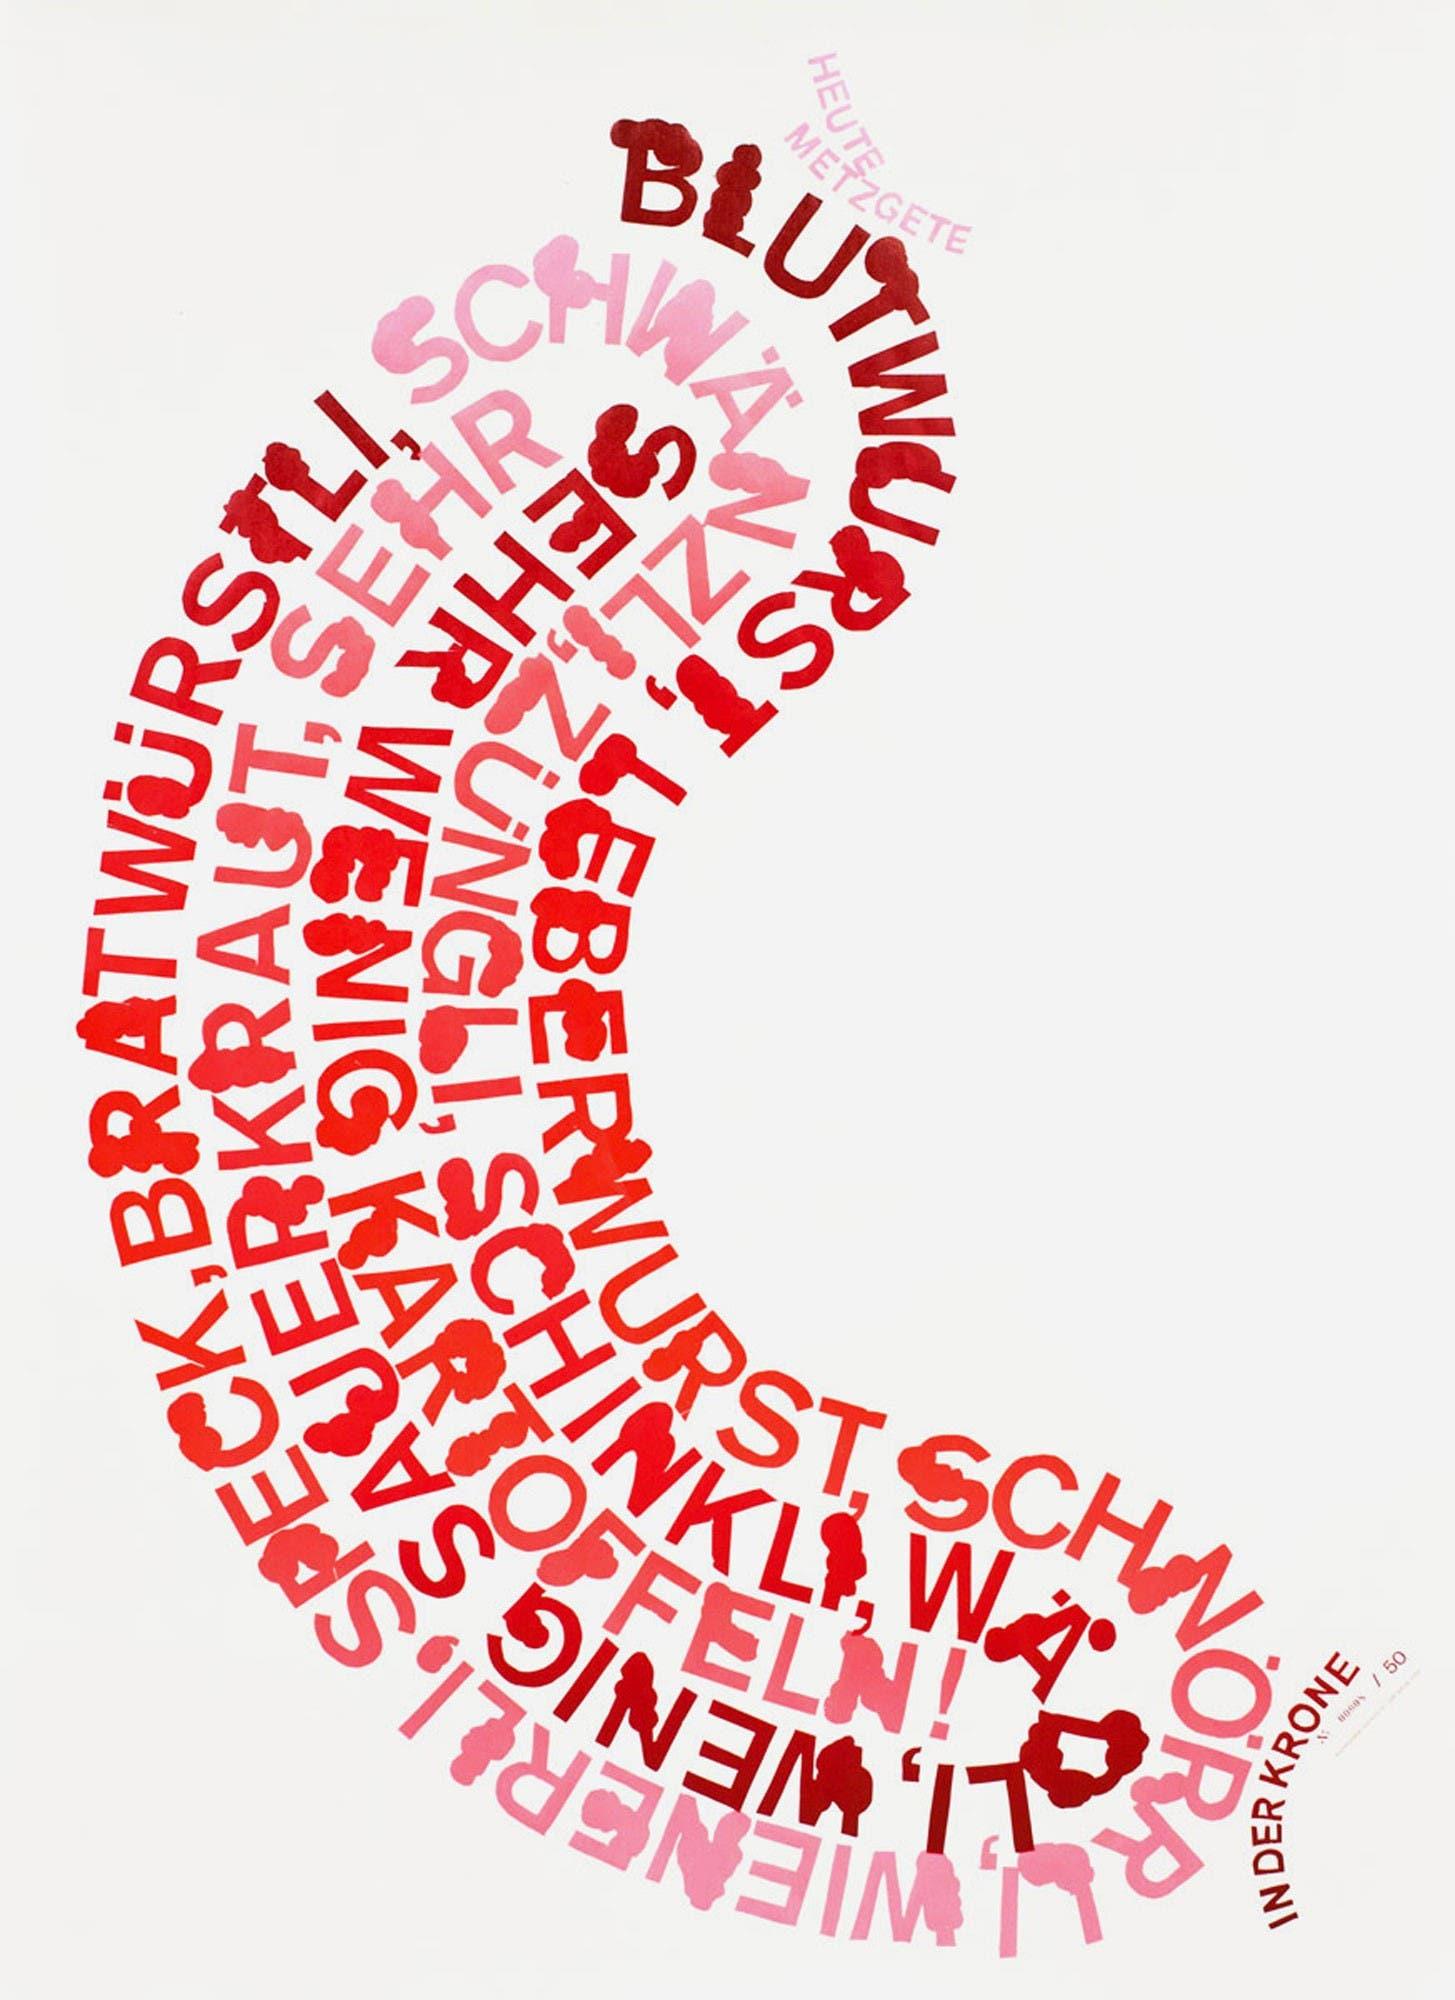 Beispiel aus der Ausstellung «Hochdruck Plakate»: «Heute Metzgete» von Dafi Kühne (Näfels). Erich Brechbühl dazu: «Das Plakat für die Metzgete in der ‹Krone›, Glarus, wurde von Hand aus Linoleum geschnitten. Die kleinen fetten Details in den Buchstaben lassen die Schrift vor Fett triefen und jeder Fleischliebhaber würde liebend gerne zubeissen. Der unperfekte Look der Handarbeit (siehe unten) erzeugt etwas Organisches, das den Plakatinhalt wunderschön unterstützt.»